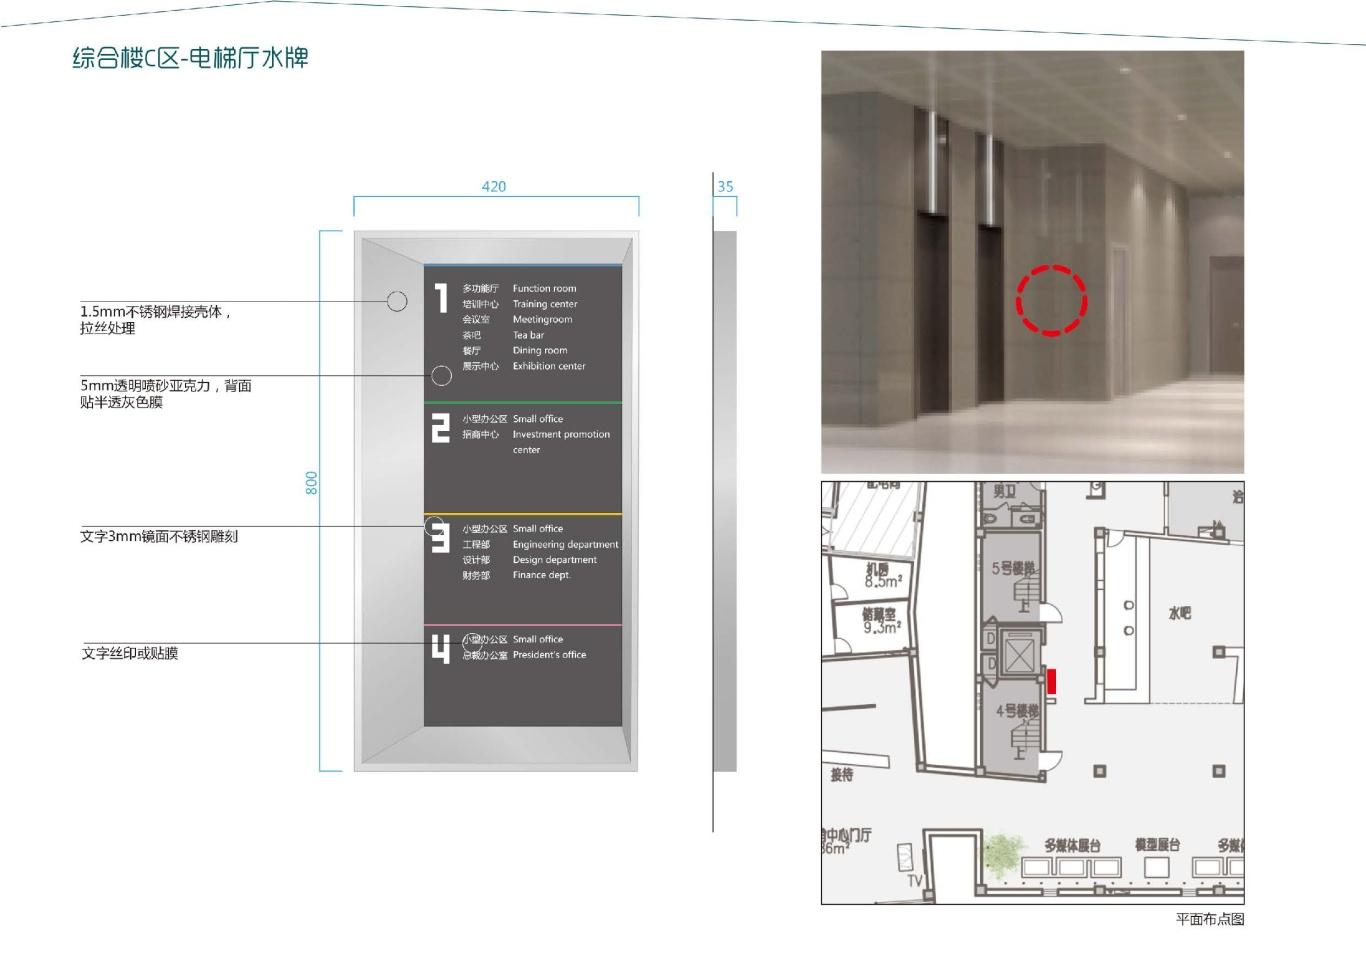 大连泰达慧谷开发区导视系统设计图36